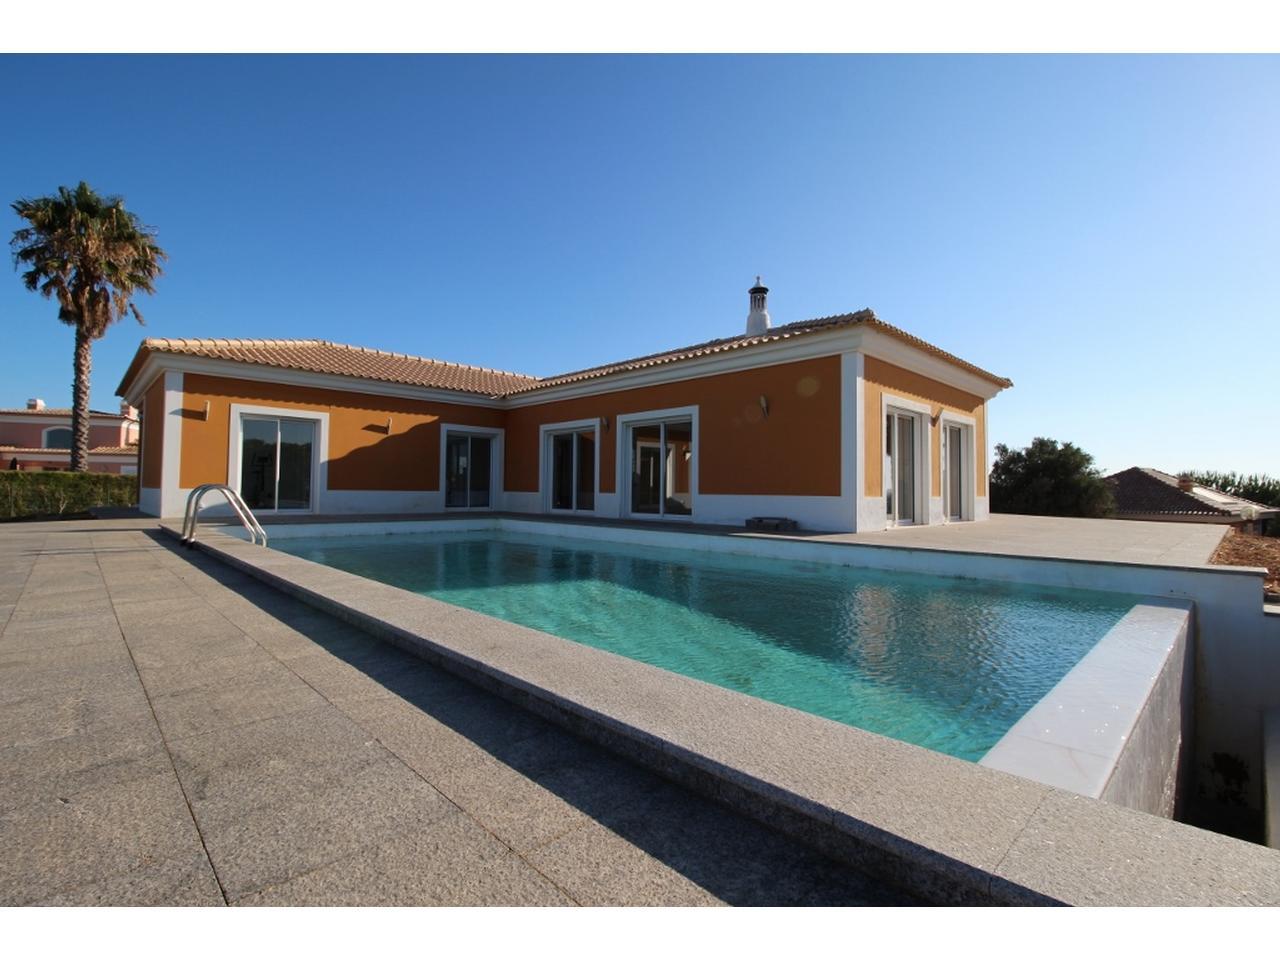 Maison au portugal bord de mer a vendre